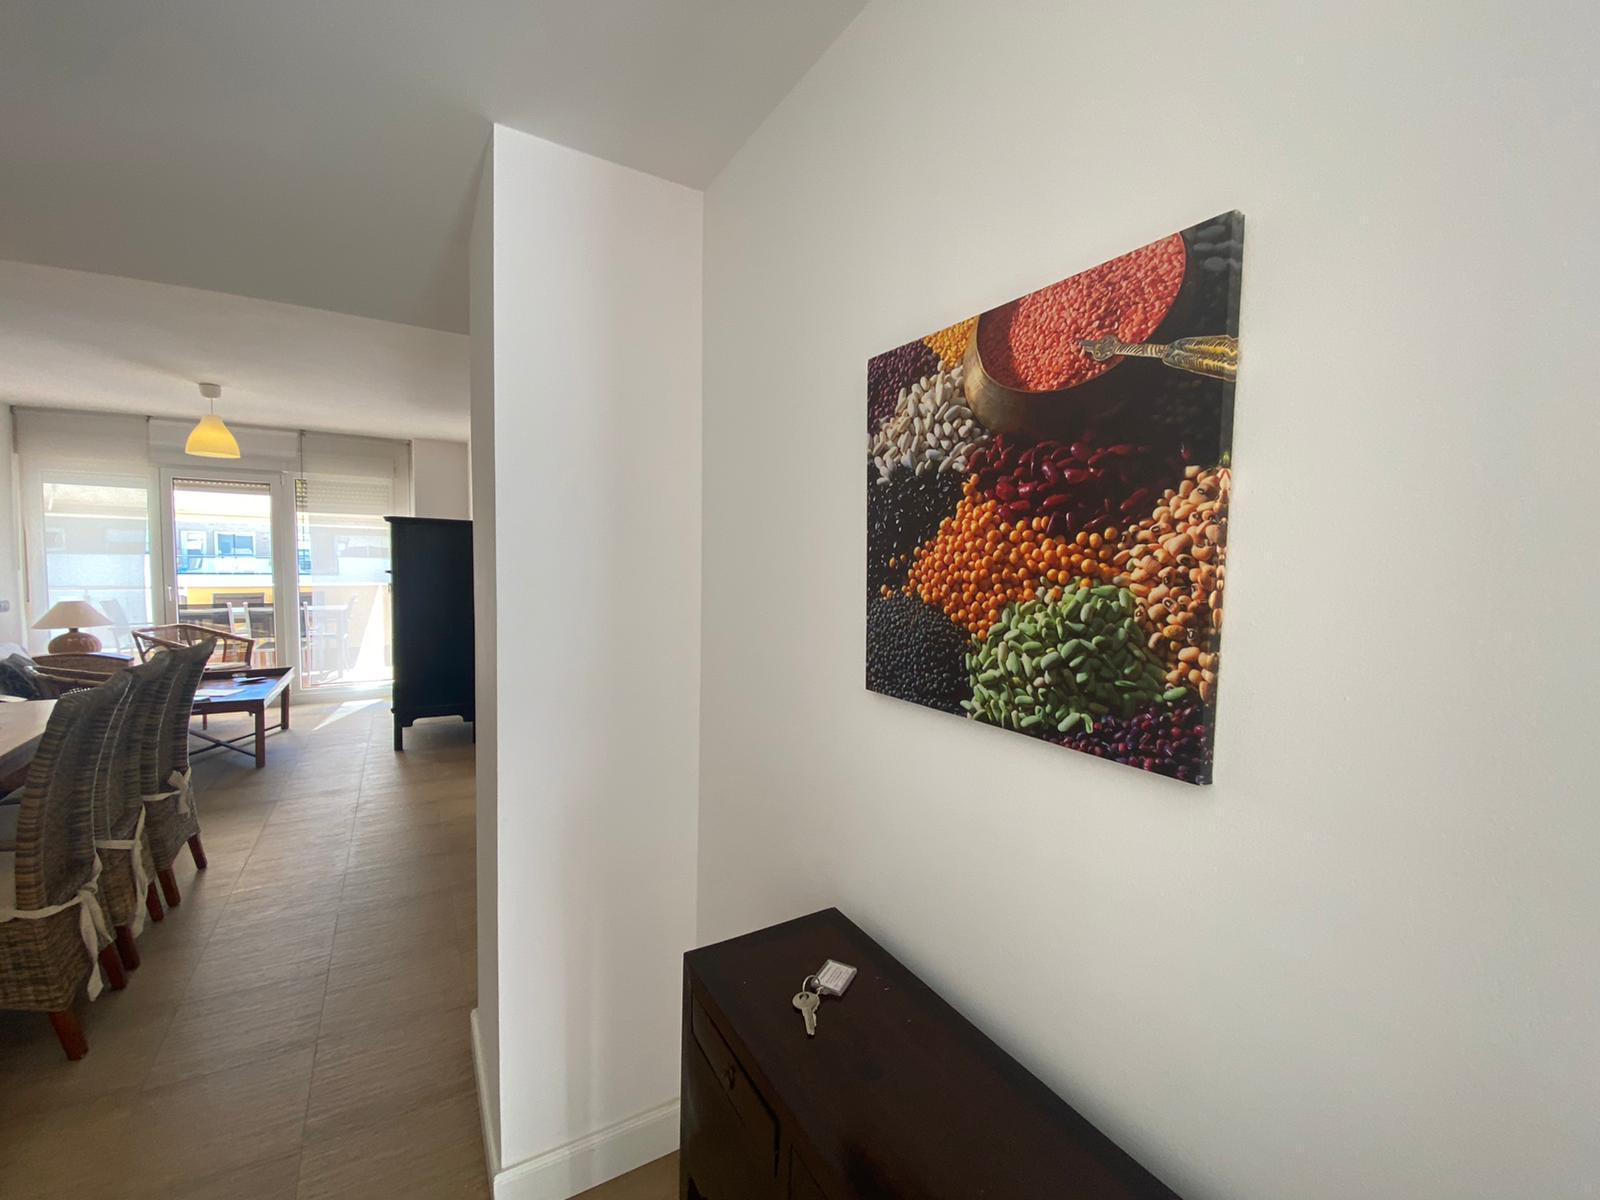 Imagen 21 del Apartamento Turístico, Ático 8 Central (3d+2b), Punta del Moral (HUELVA), Paseo de la Cruz nº22